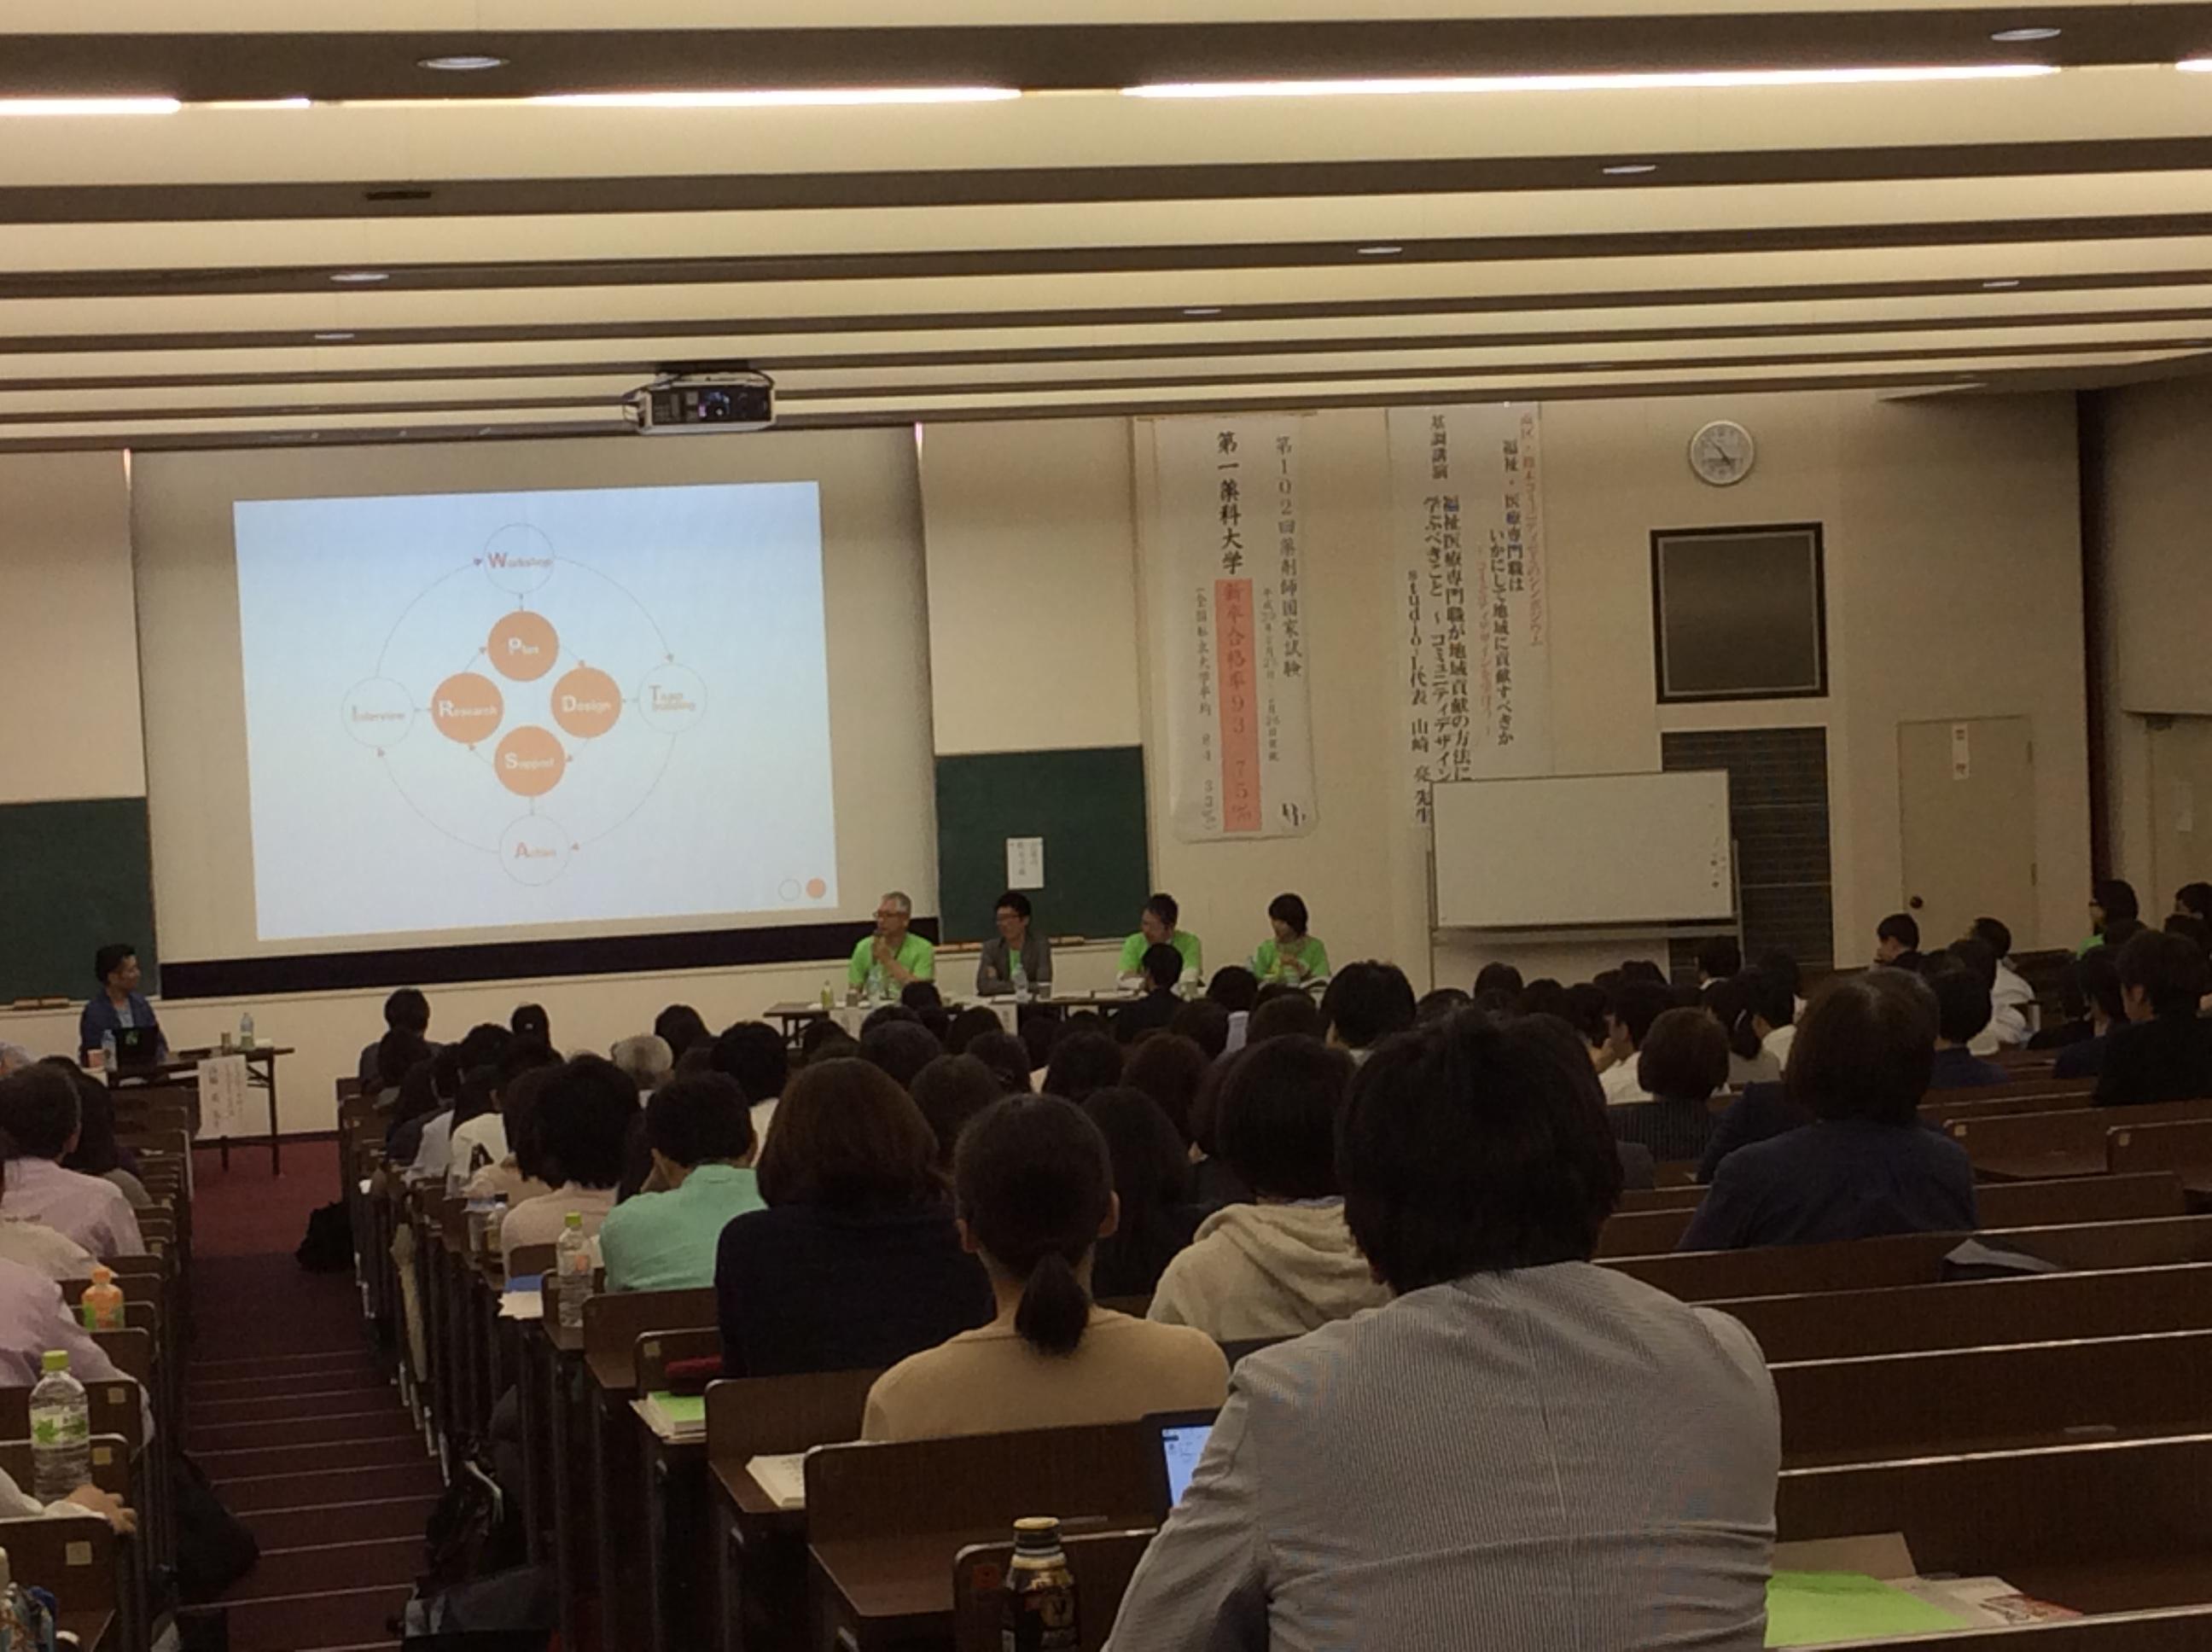 南区・篠木コミュニティゼミ 初のシンポジウム開催